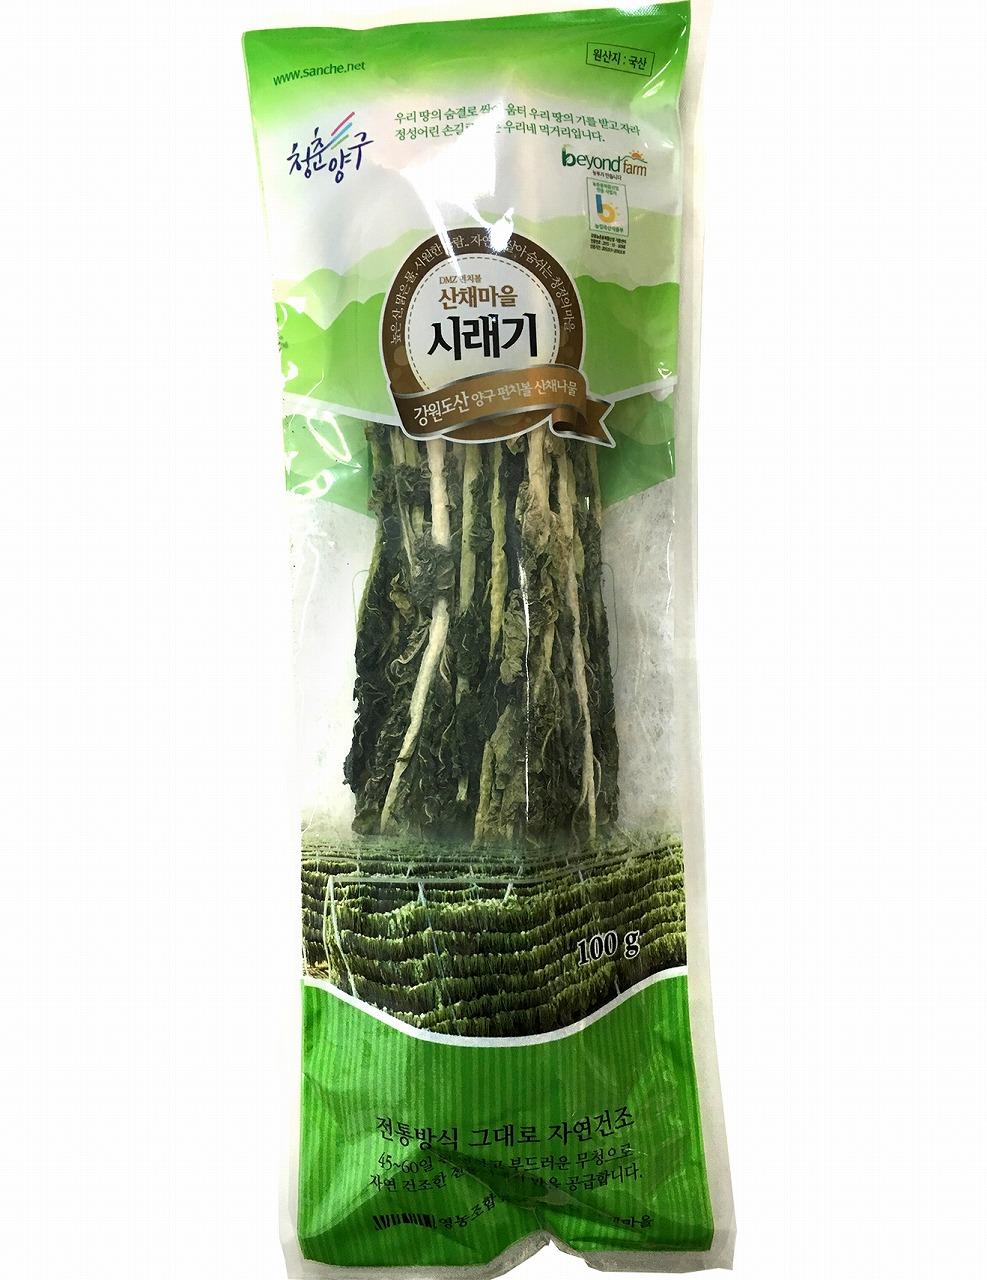 韓国食品 韓国食材 韓国料理 新着 シレギ 大根の葉 干し大根の葉 乾物 干し物 干しナムル 数量限定 干し食材 ナムル炒め 干し野菜 100g 味噌汁 韓国農協